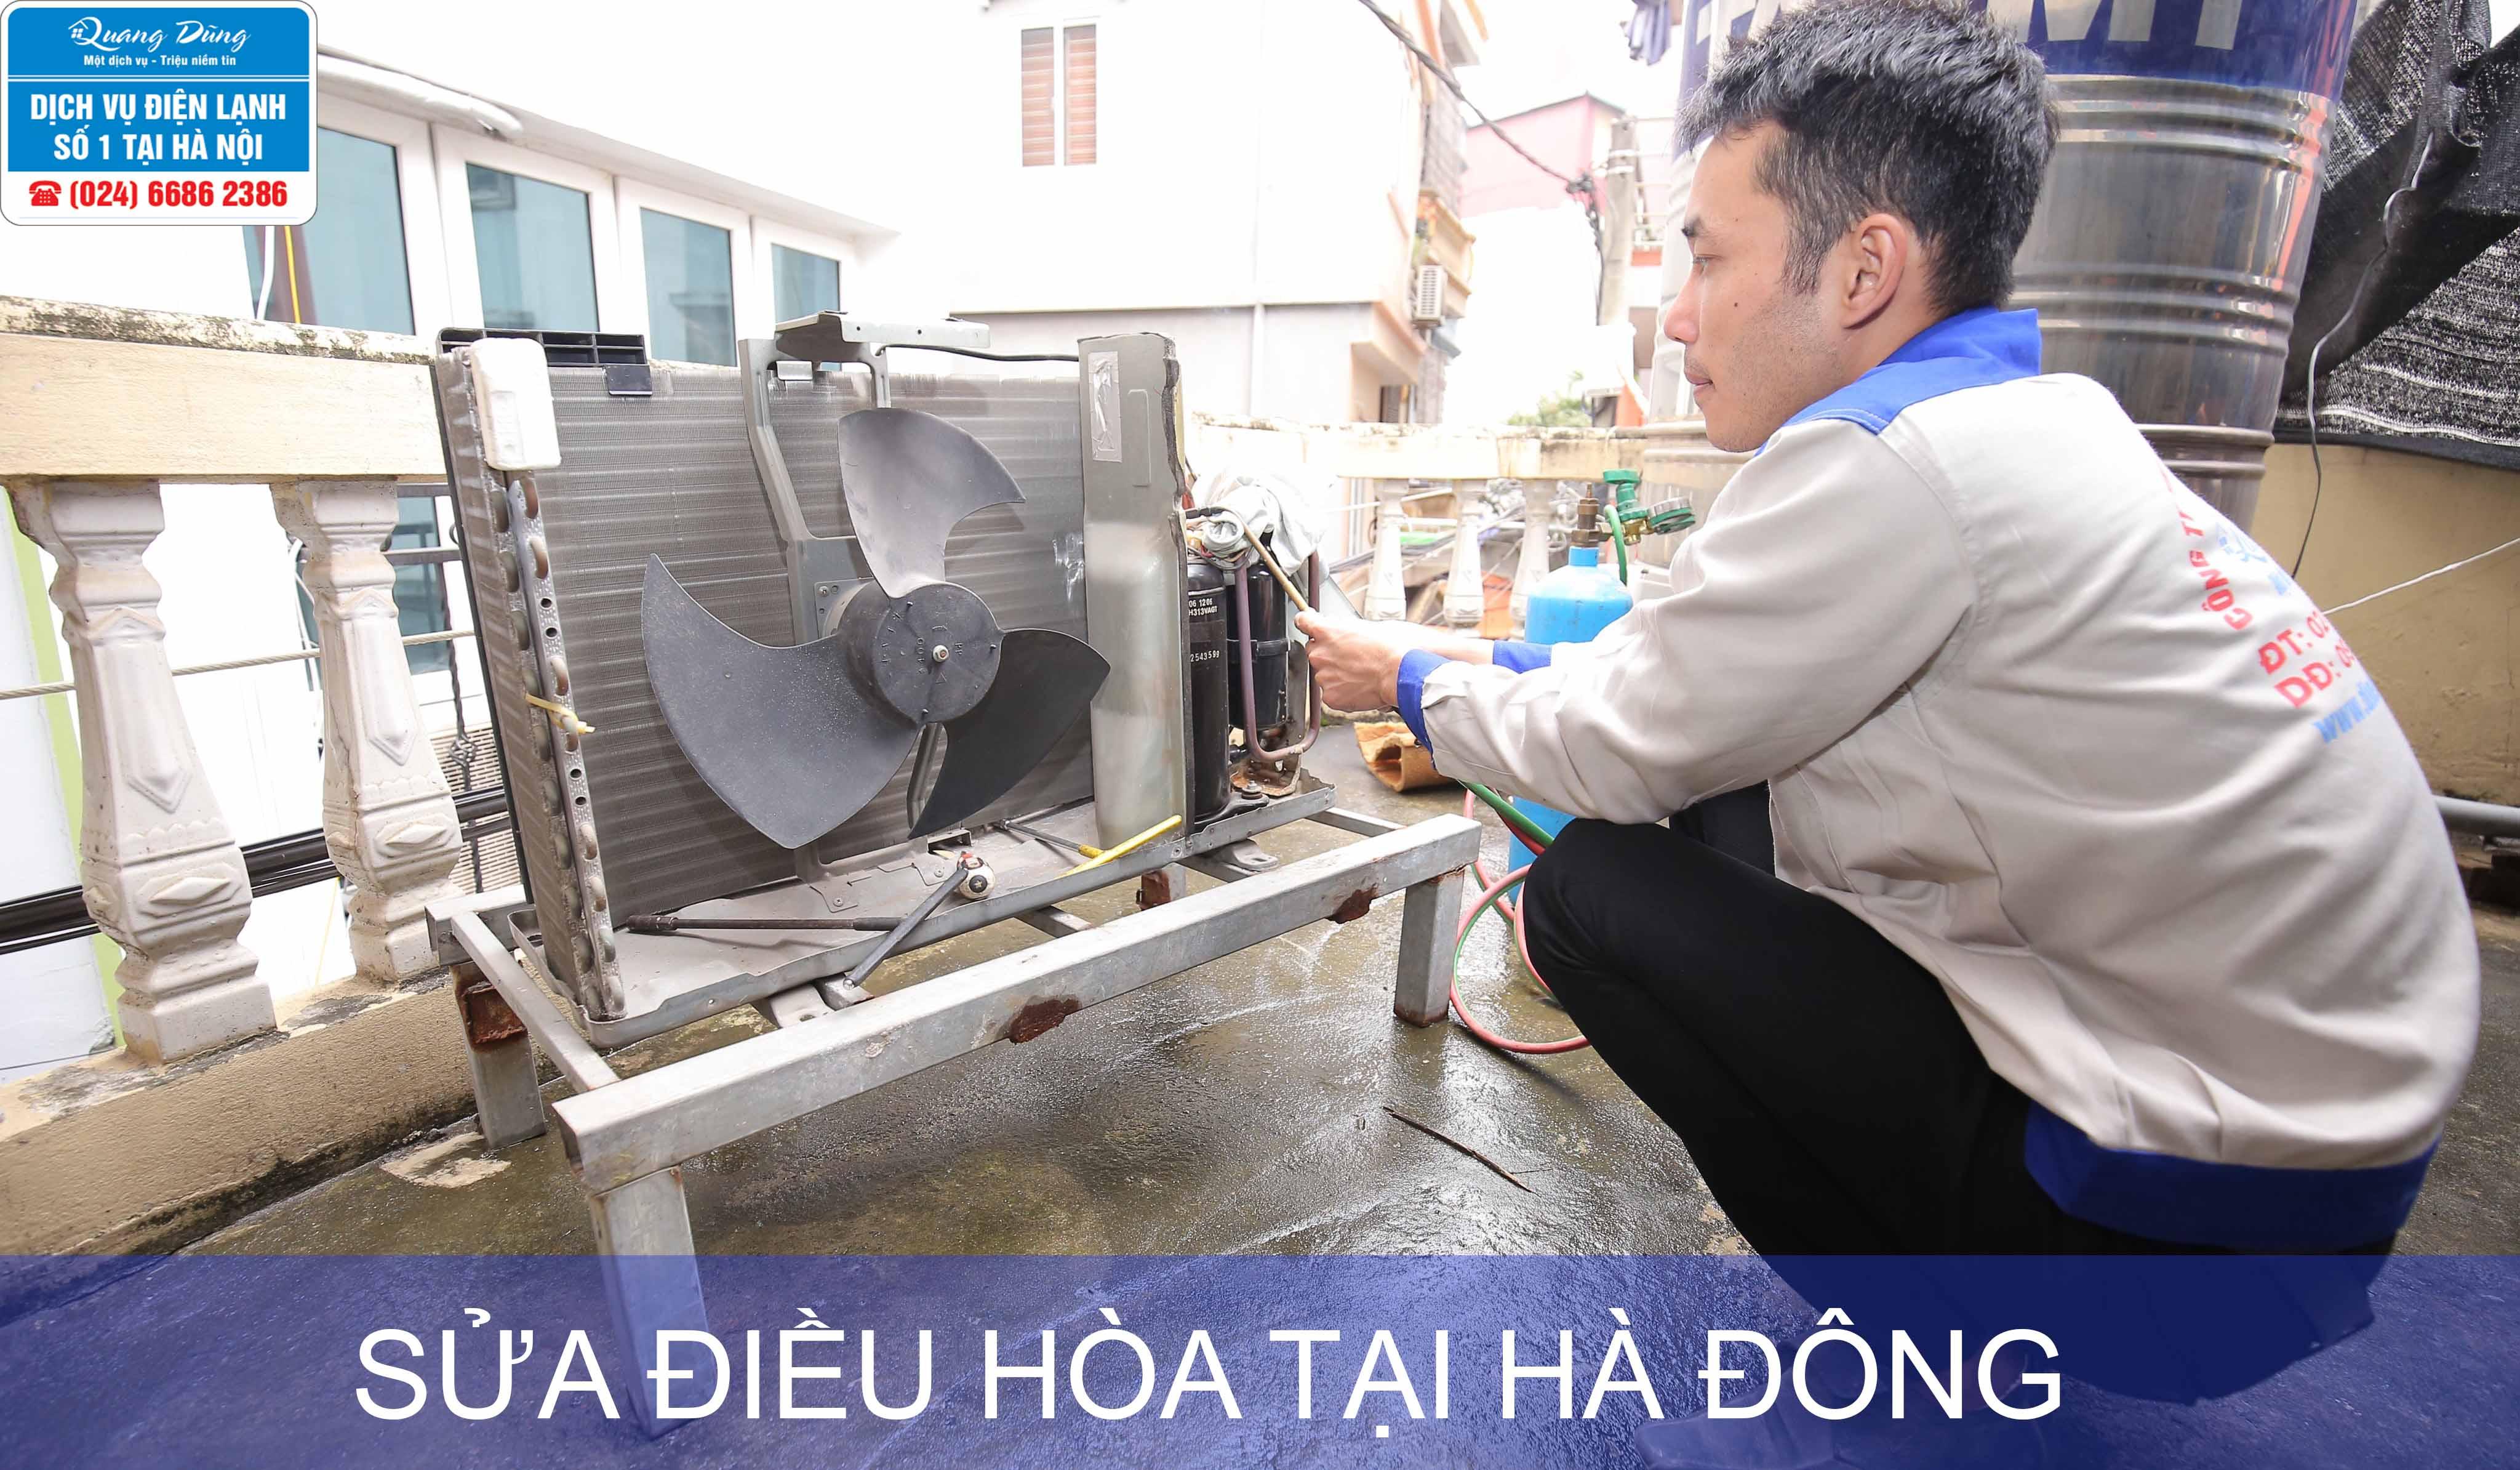 sua dieu hoa tai ha dong